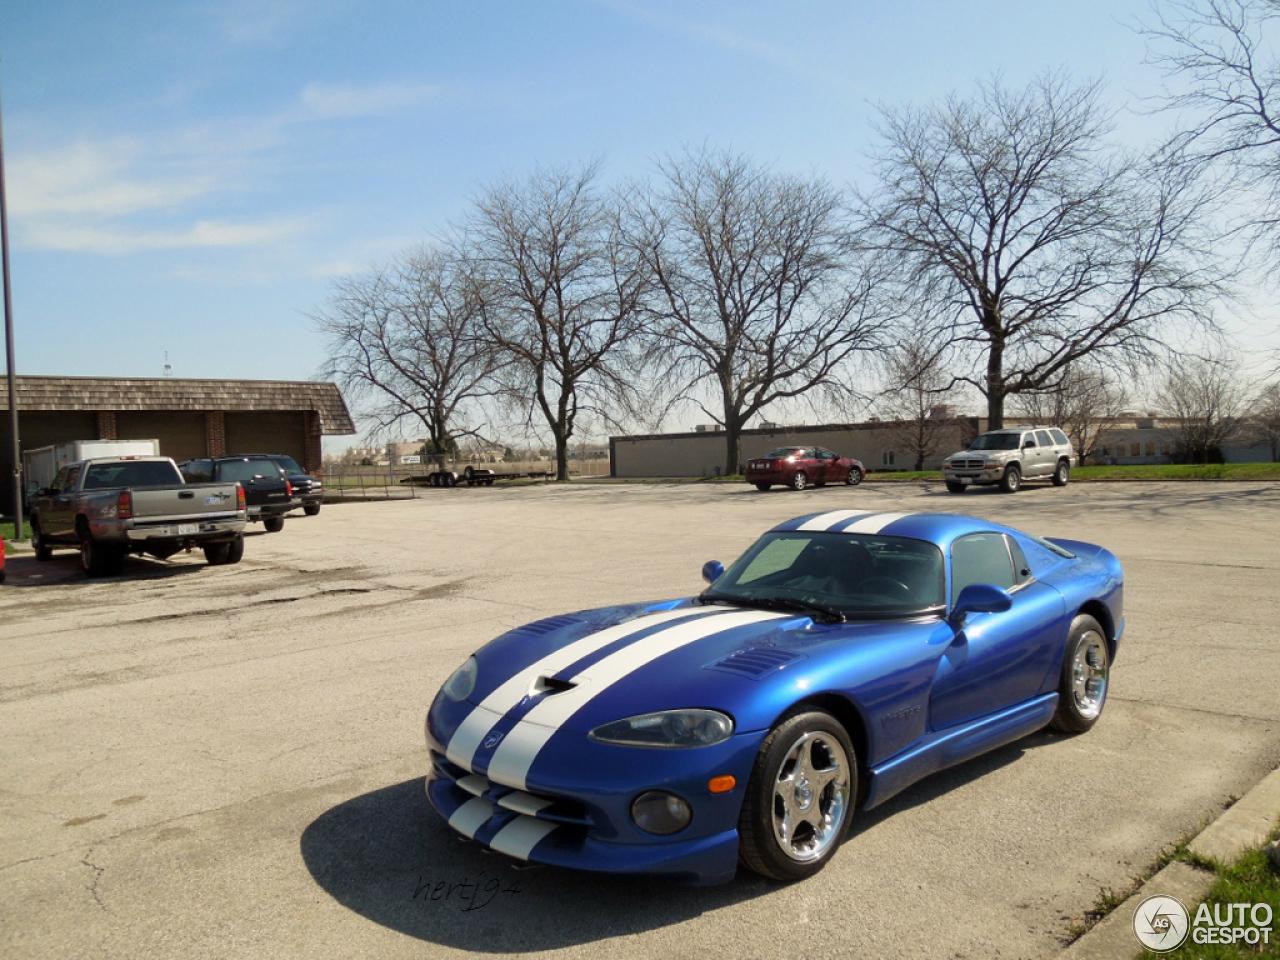 Dodge Viper Gts 28 April 2013 Autogespot